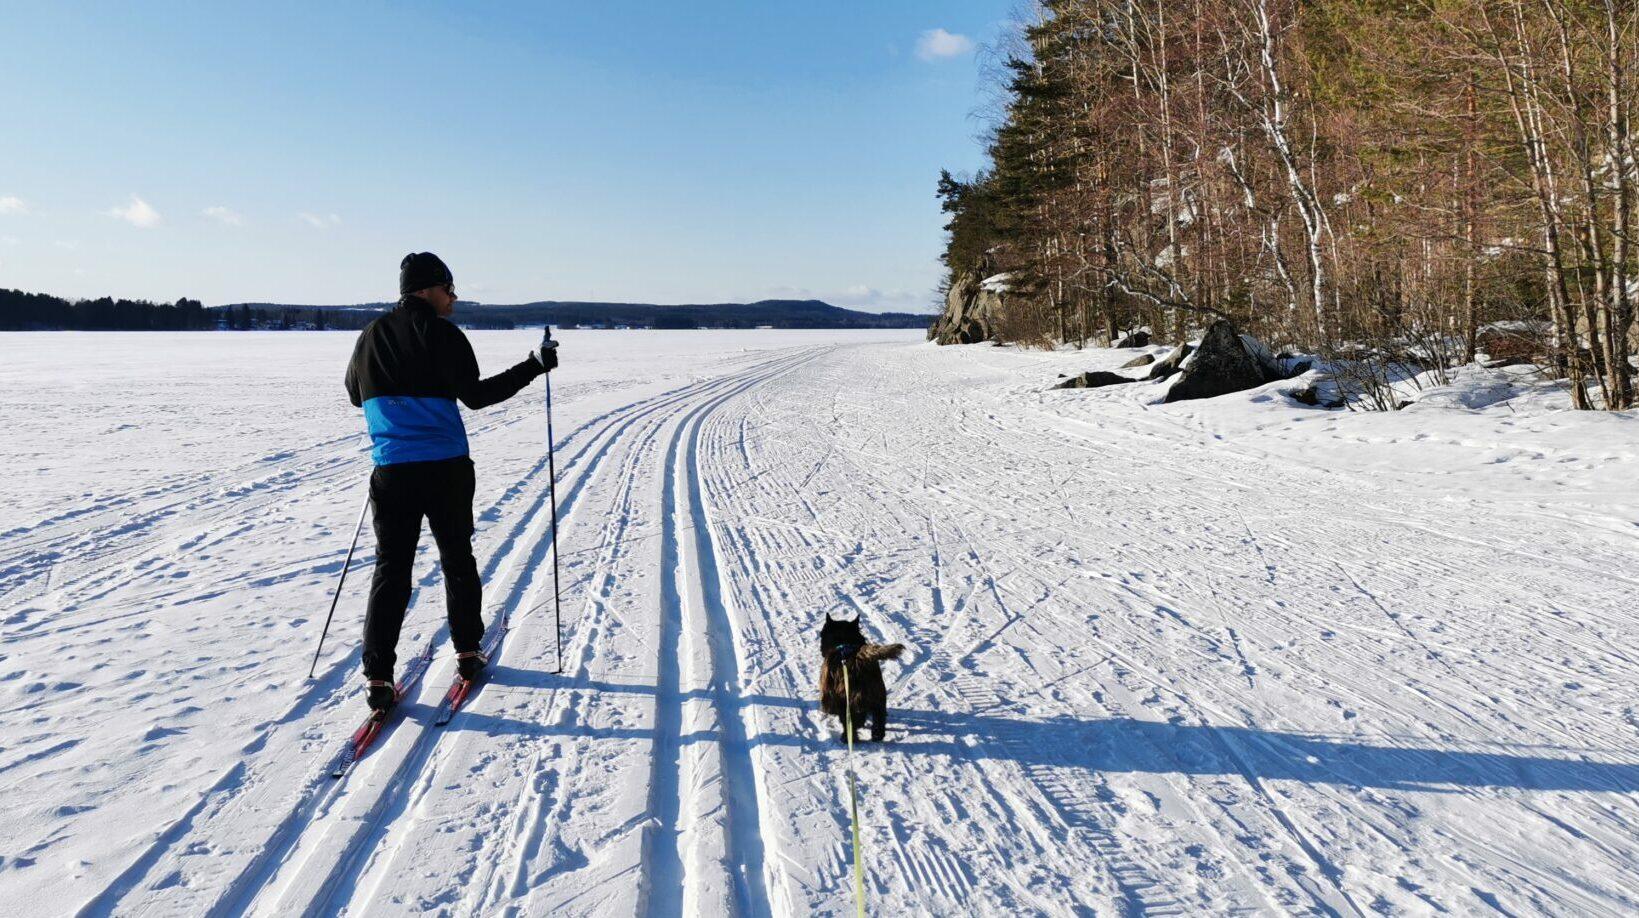 Hiihtäjä ja koira Saraveden jäällä aurinkoisena talvipäivänä.